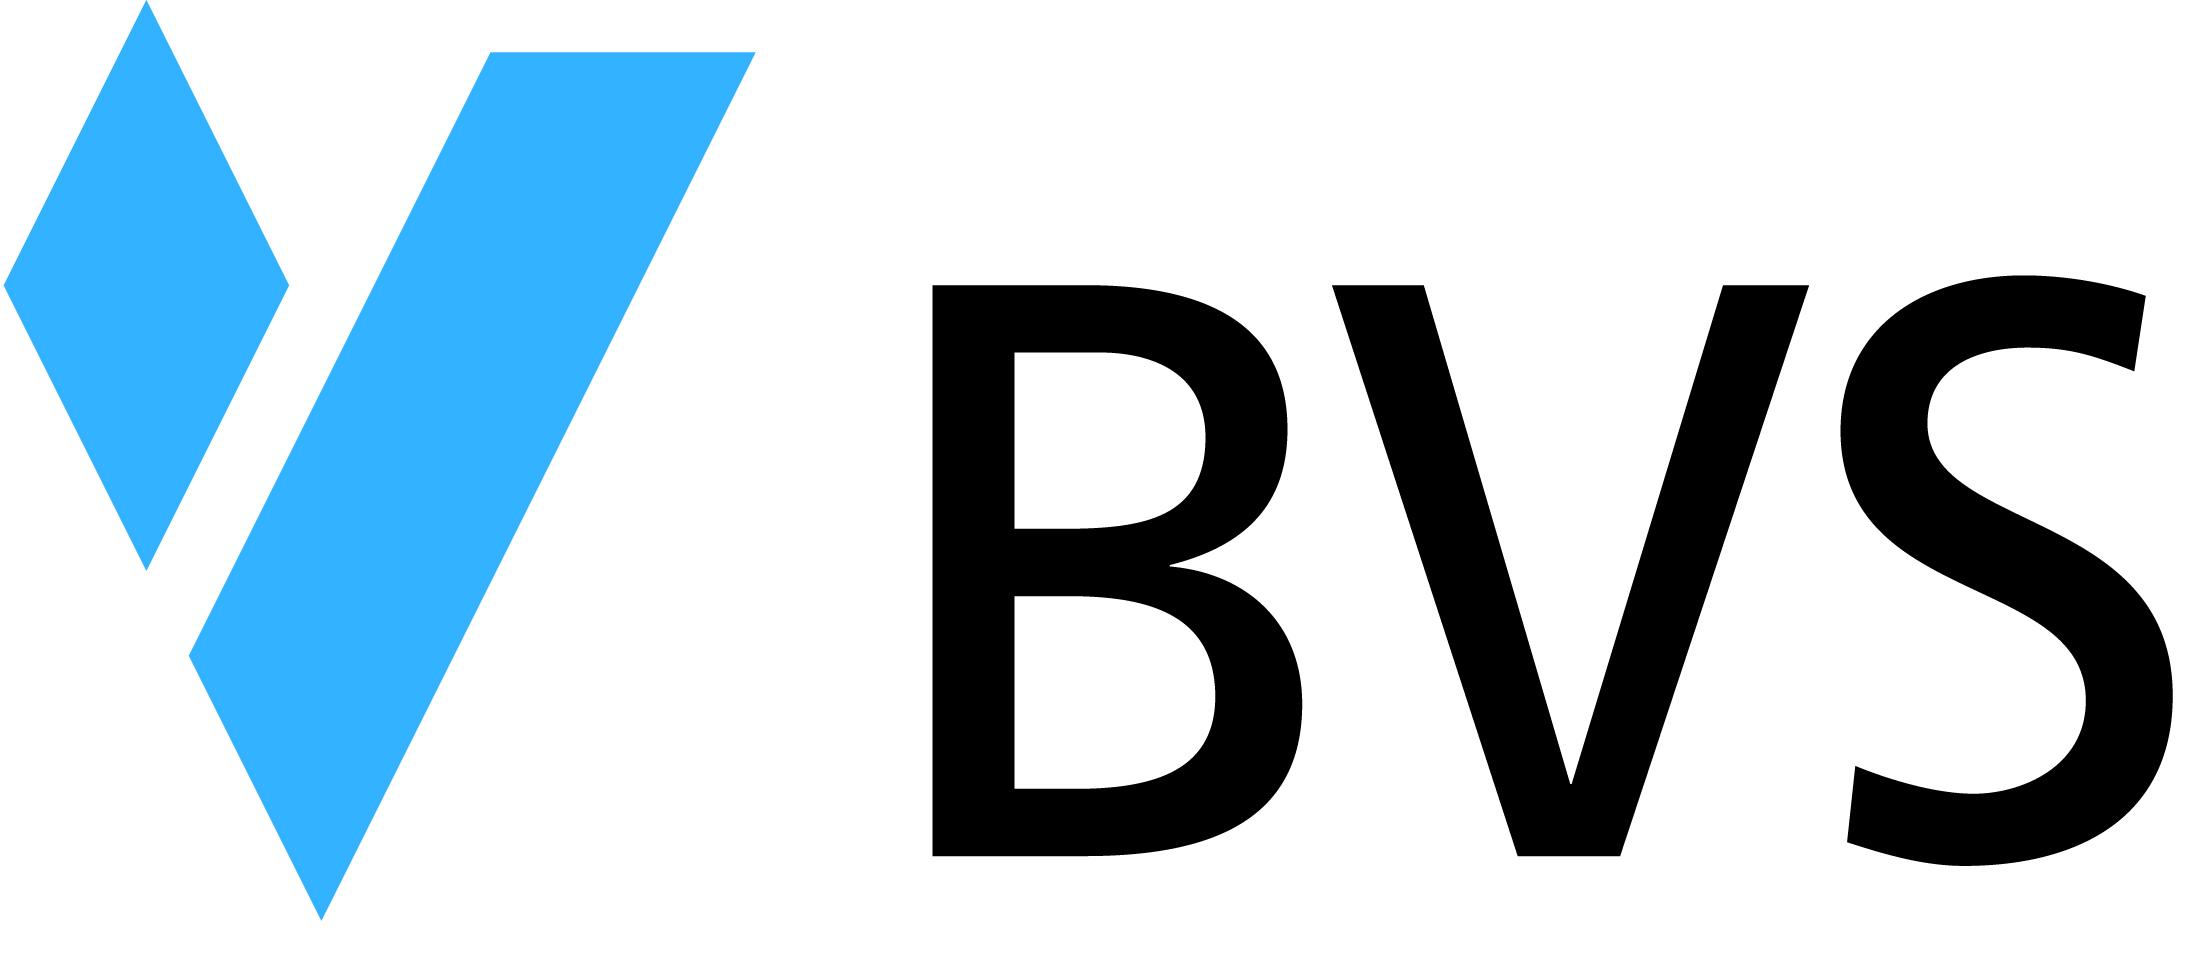 Bayerische Verwaltungsschule (BVS)